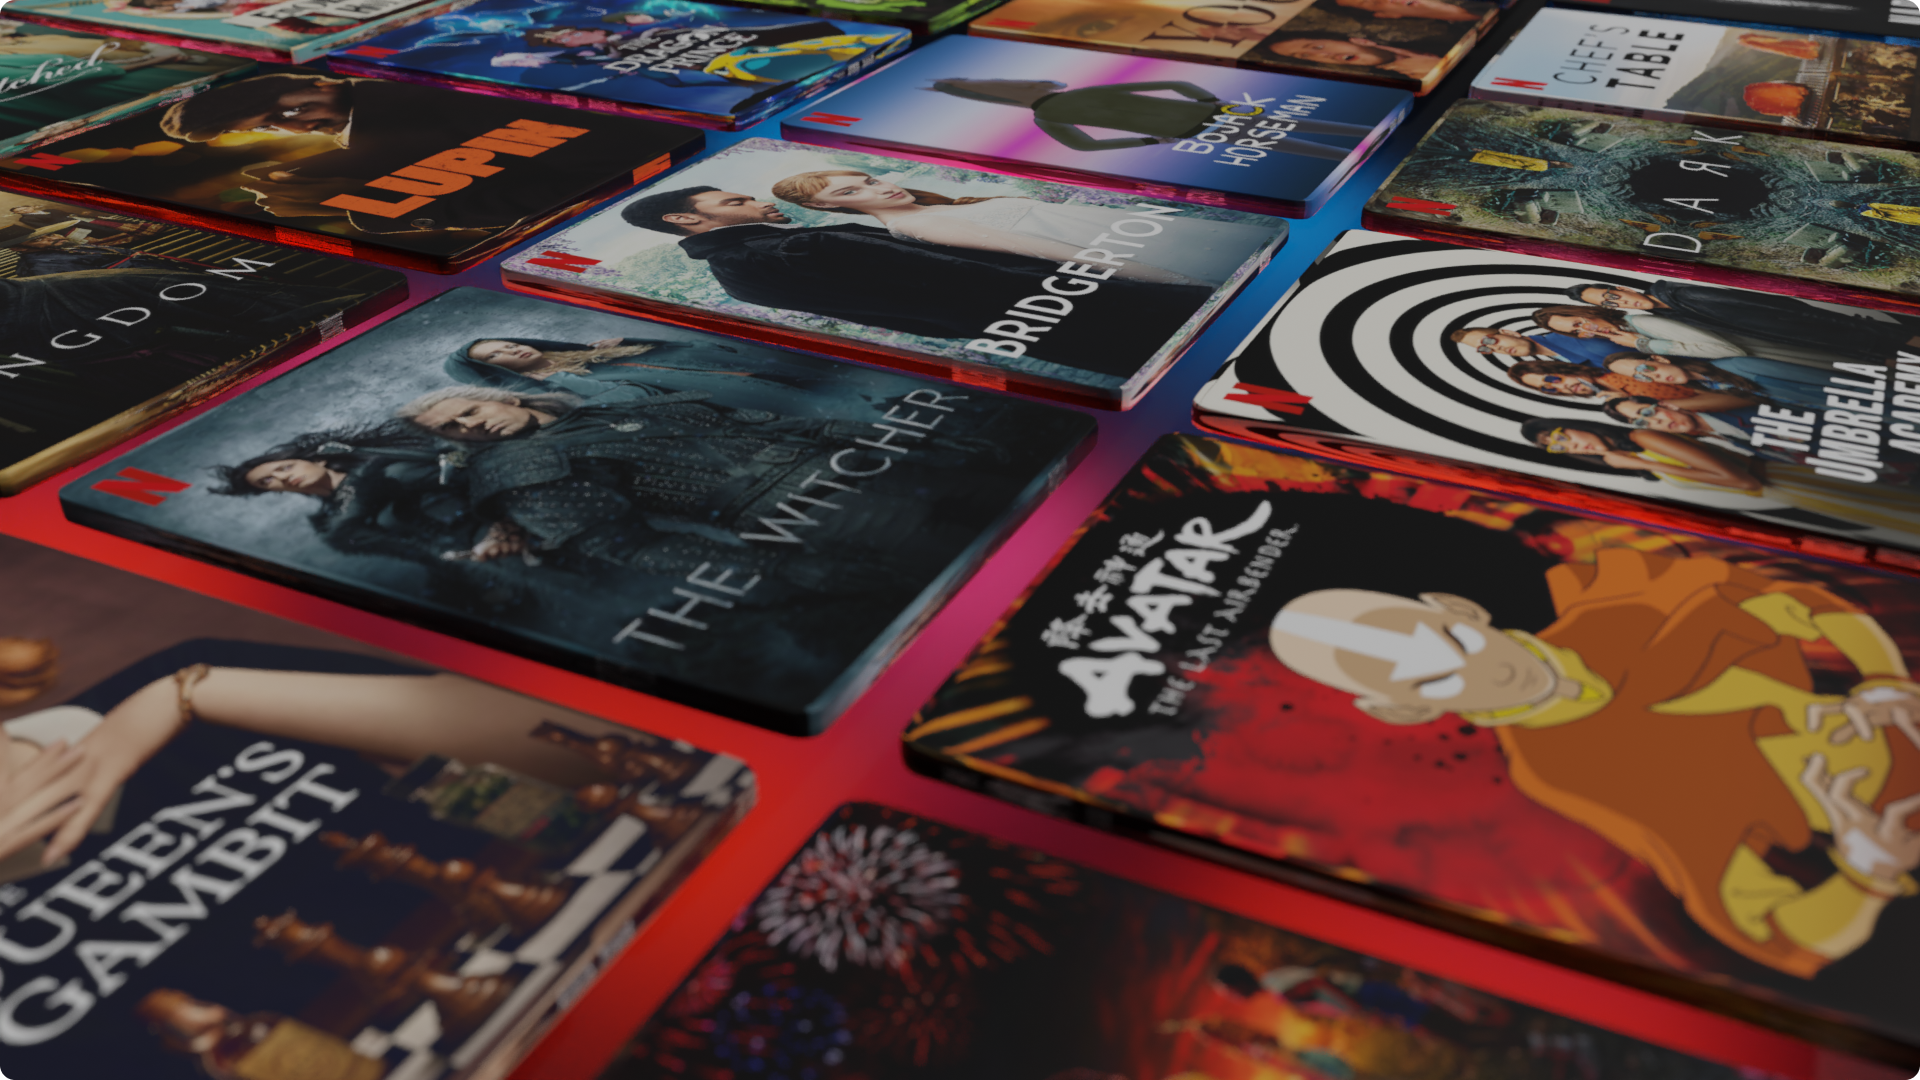 Netlfixで配信中の様々な映画やドラマが並んで表示されている一連の画像